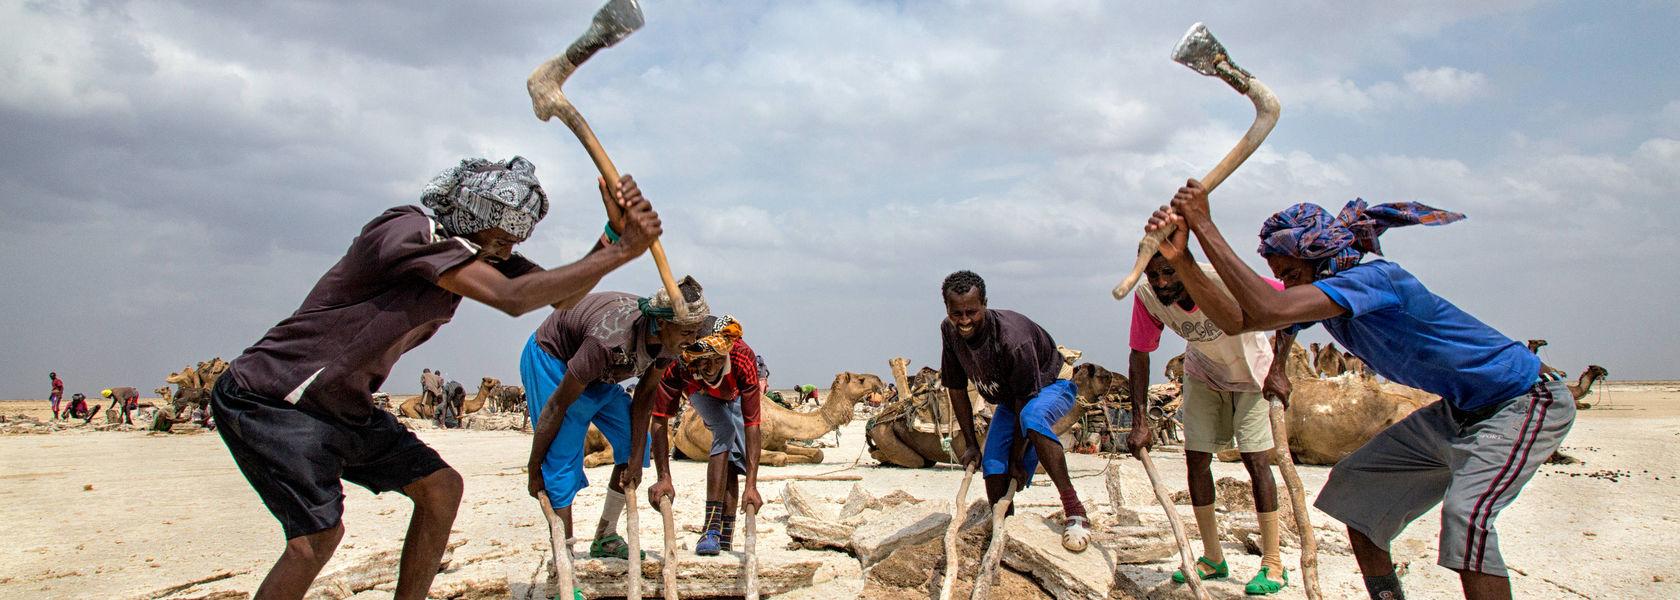 Groepsreis Ethiopie Avontuurlijk historie - 19 dagen|Matoke Tours